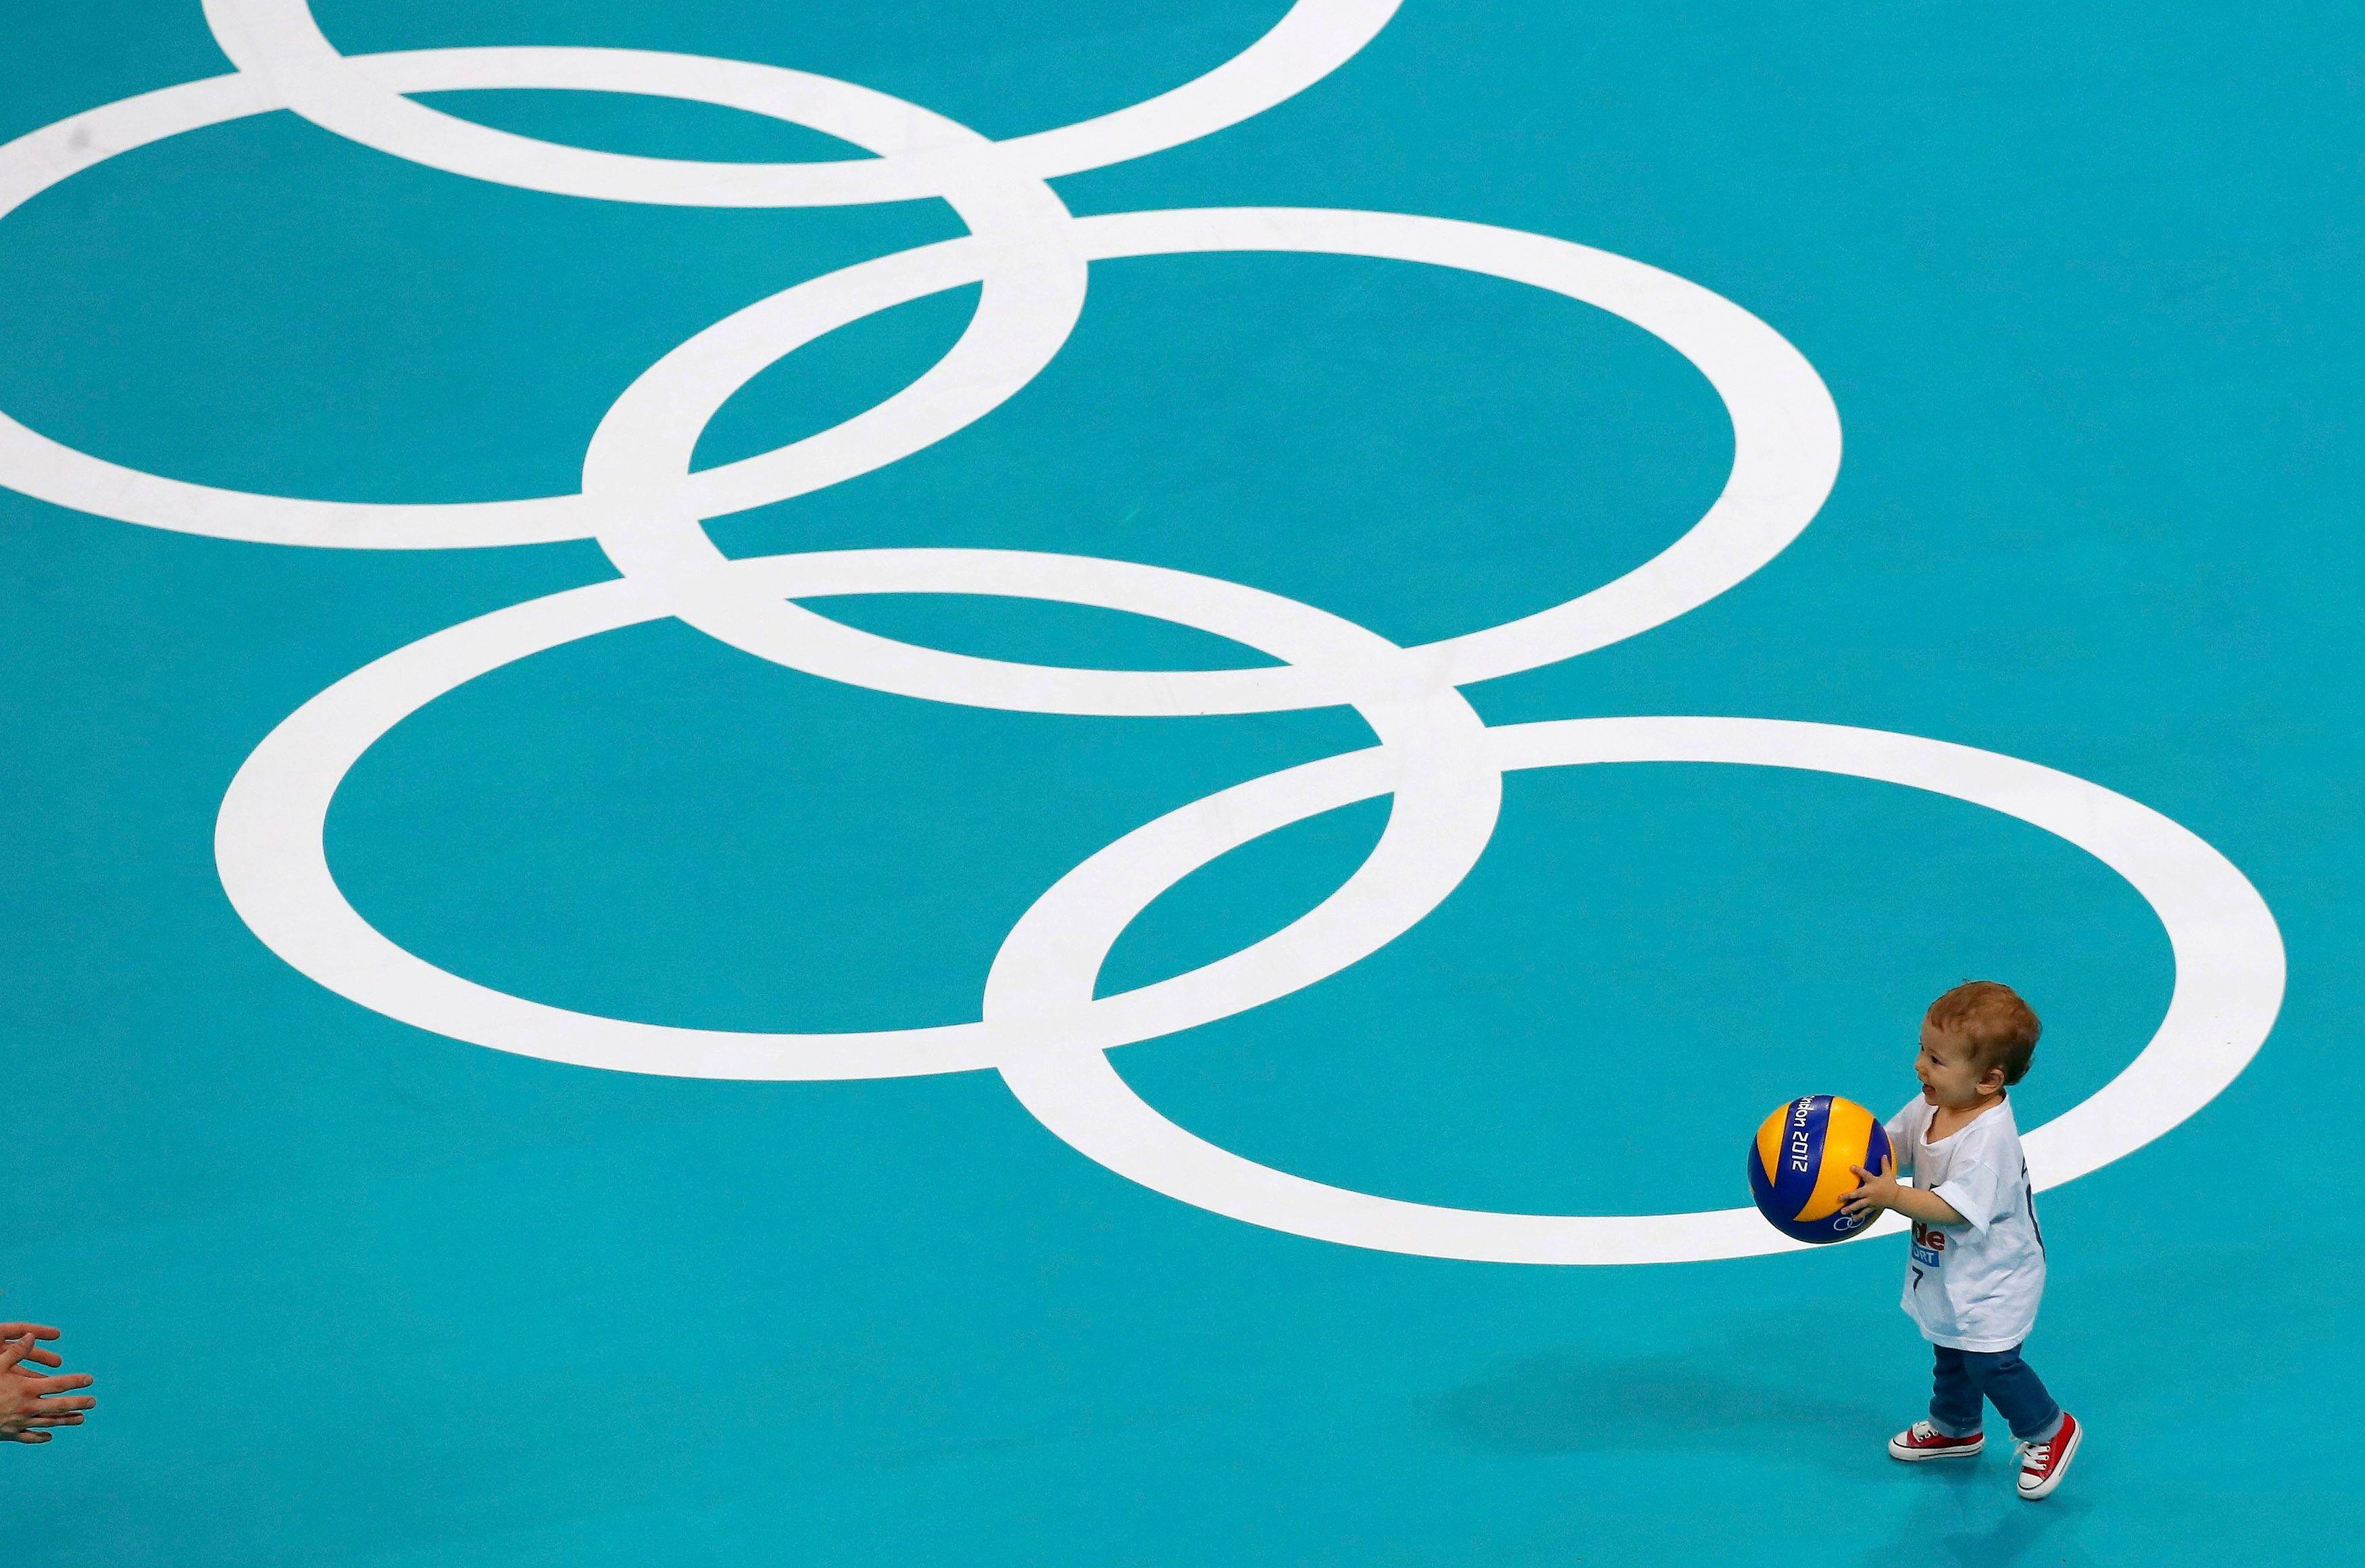 Le coût de la préparation des Jeux Olympiques de Sotchi atteint 37 milliards d'euros.